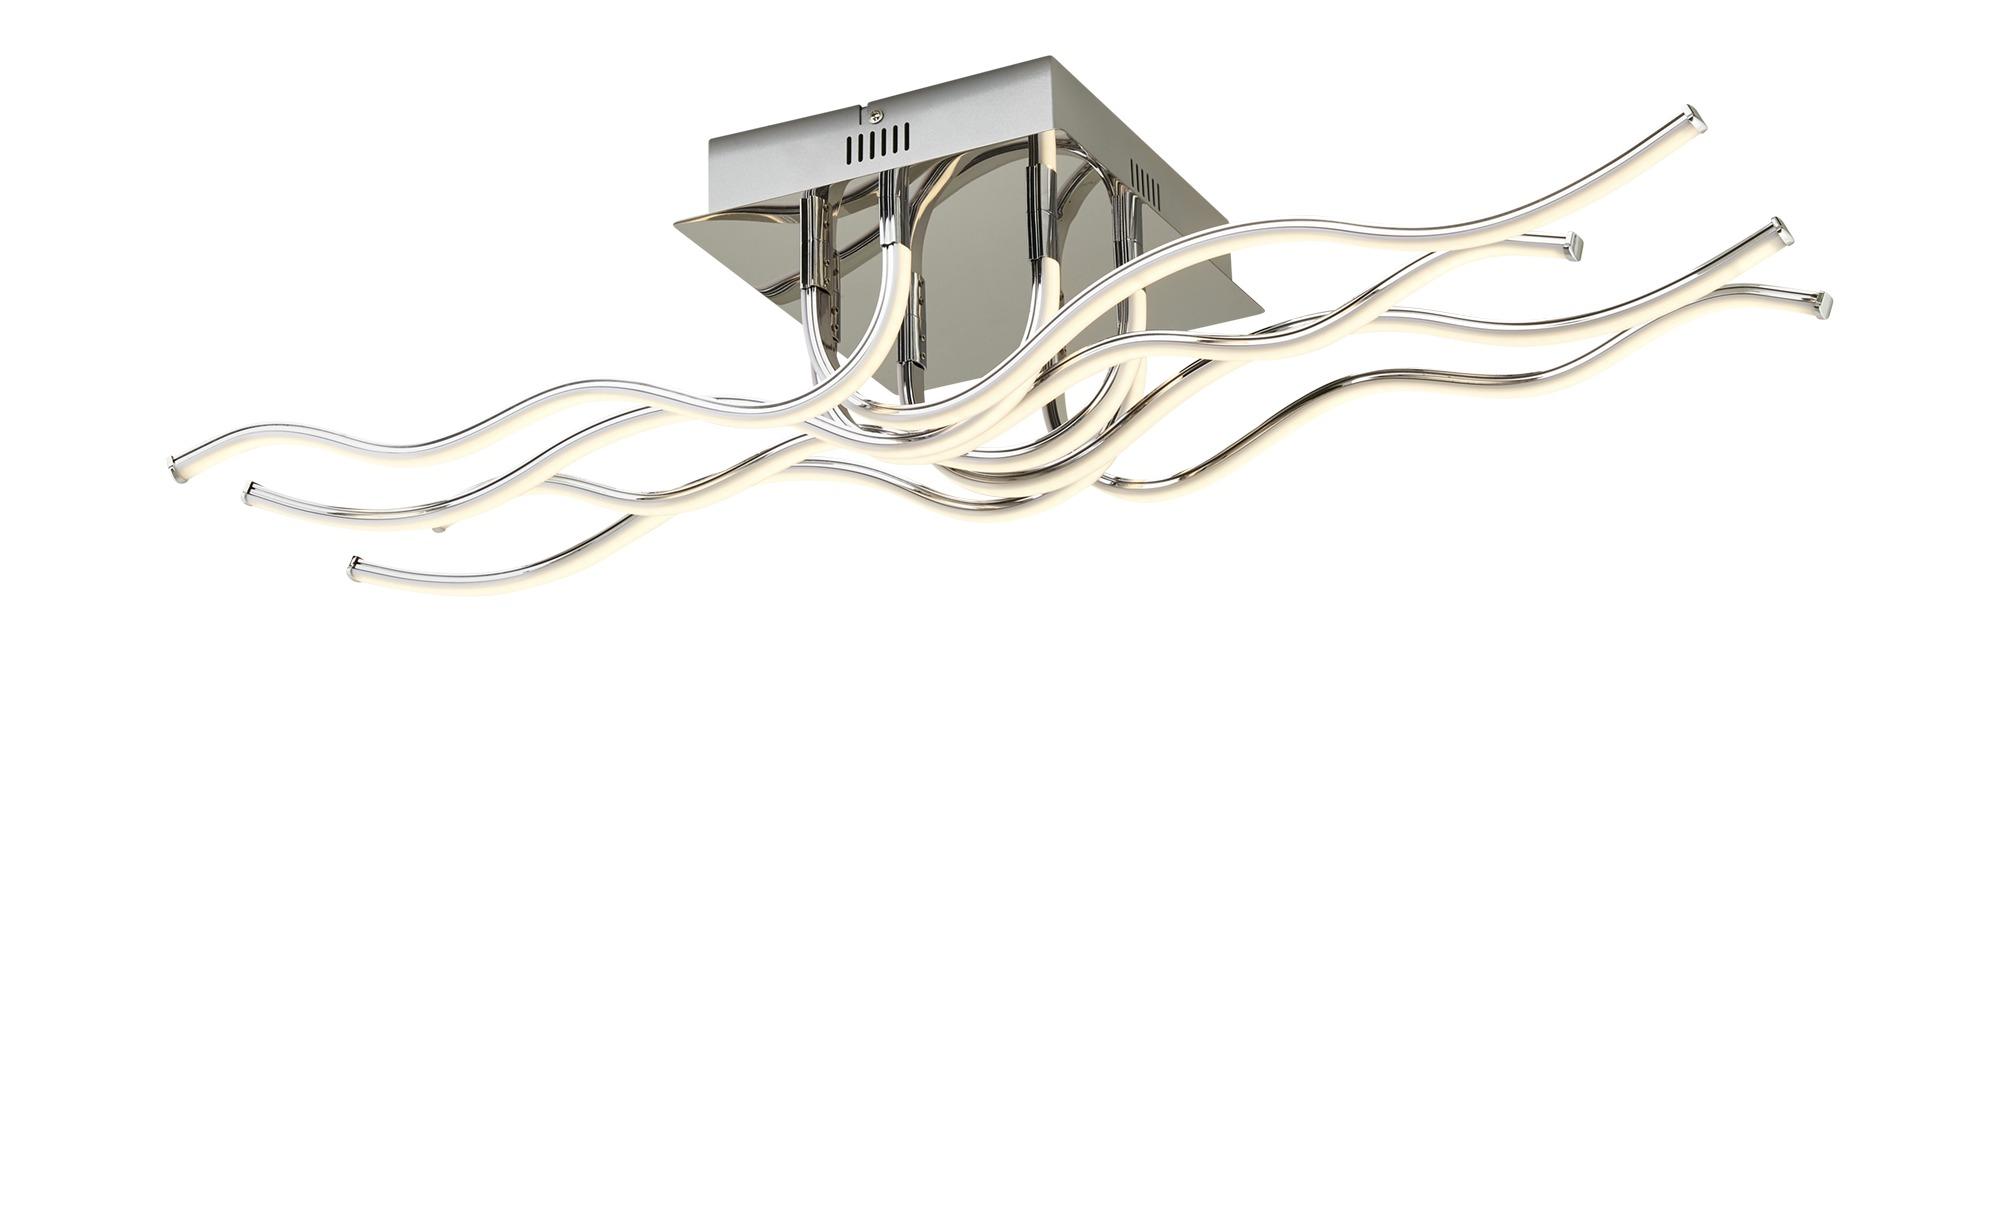 ML LED-Deckenleuchte, Chrom, Wellenform ¦ silber ¦ Maße (cm): B: 25 H: 16,5 Lampen & Leuchten > Innenleuchten > Deckenleuchten - Höffner